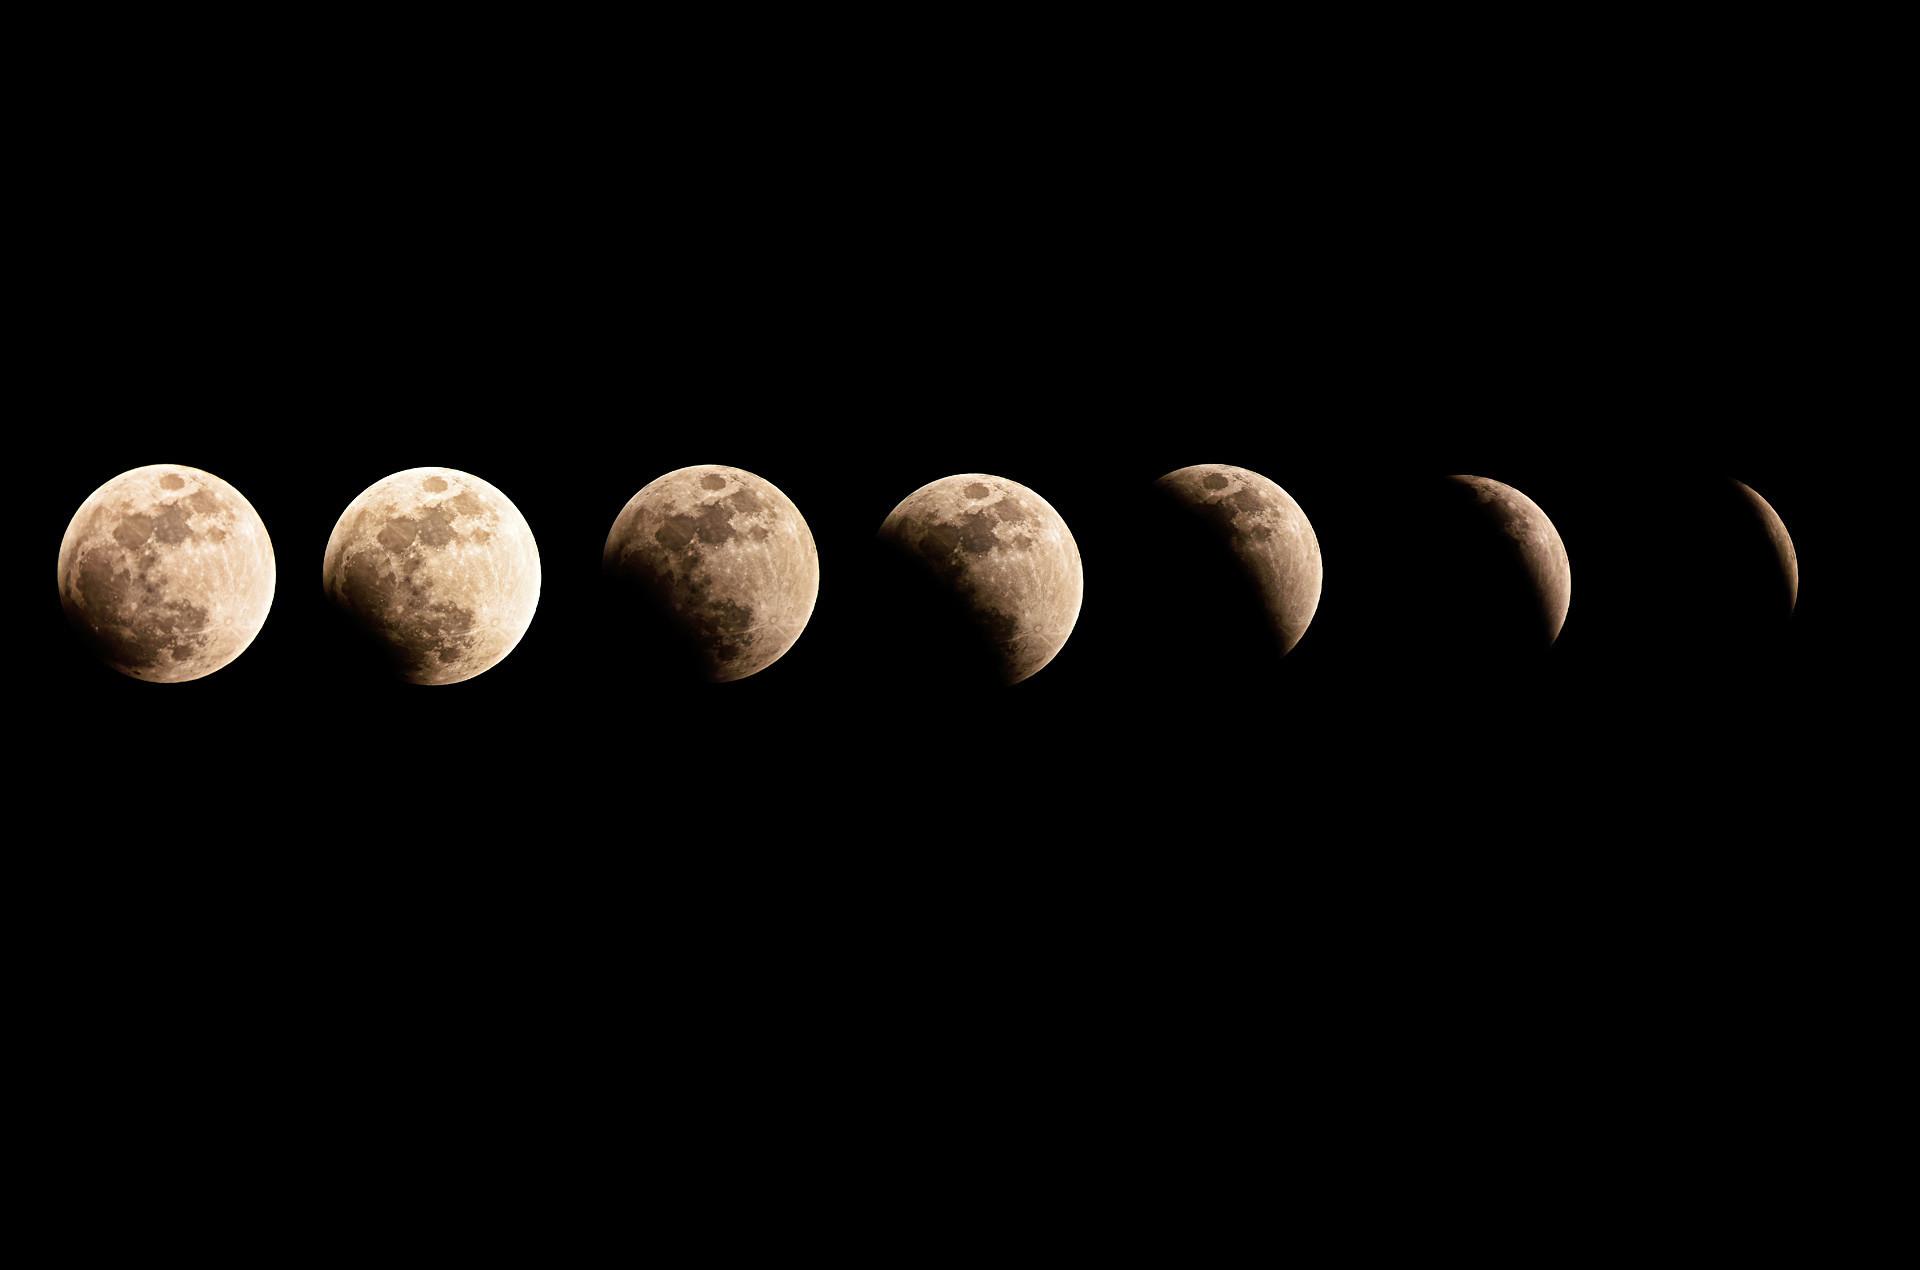 Faze potpune pomrčine Mjeseca tijekom plavog Mjeseca i Supermjeseca. Vladivostok, Rusija.